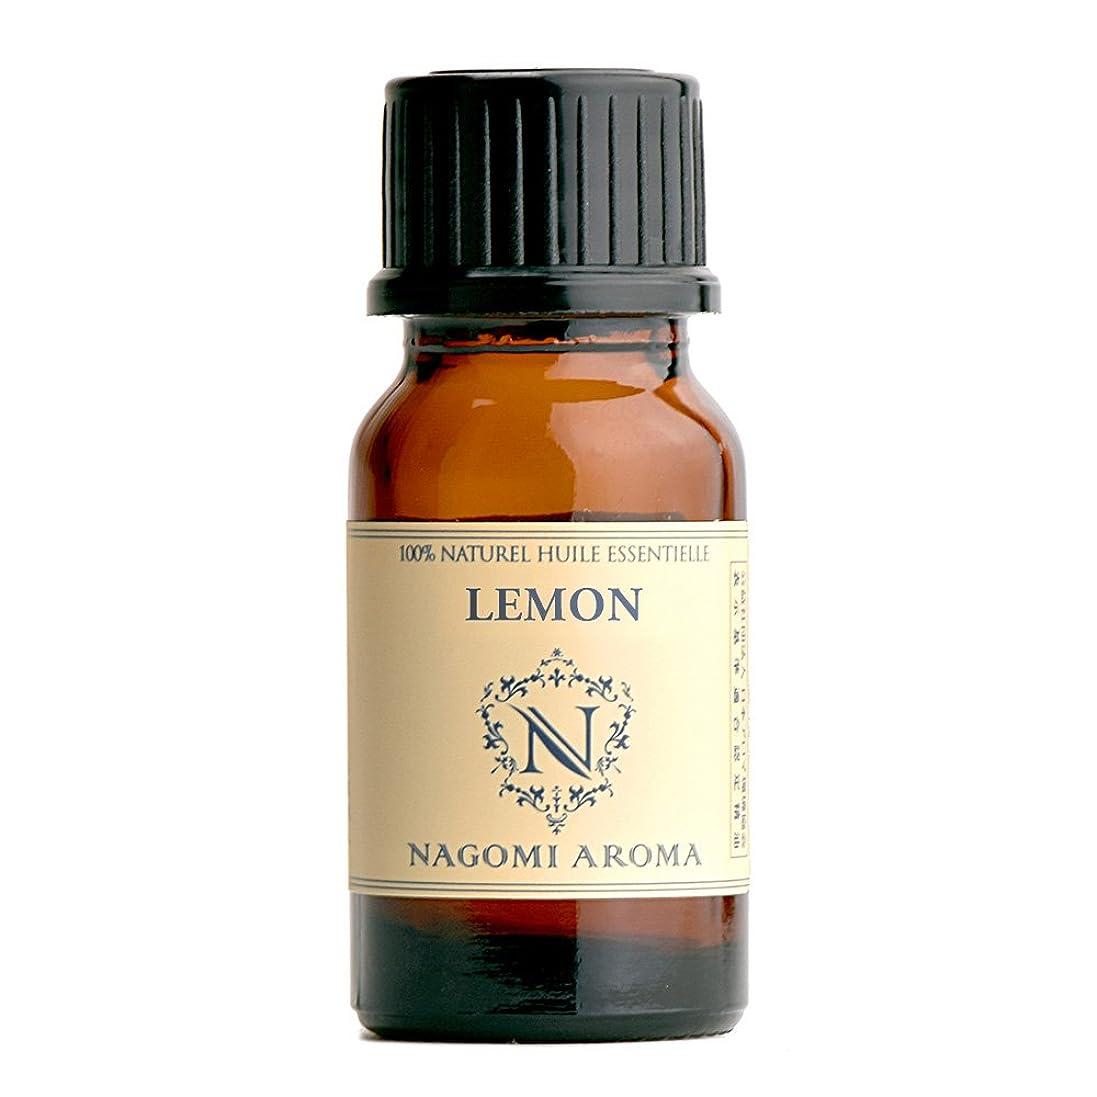 免除敬の念子豚NAGOMI AROMA レモン 10ml 【AEAJ認定精油】【アロマオイル】